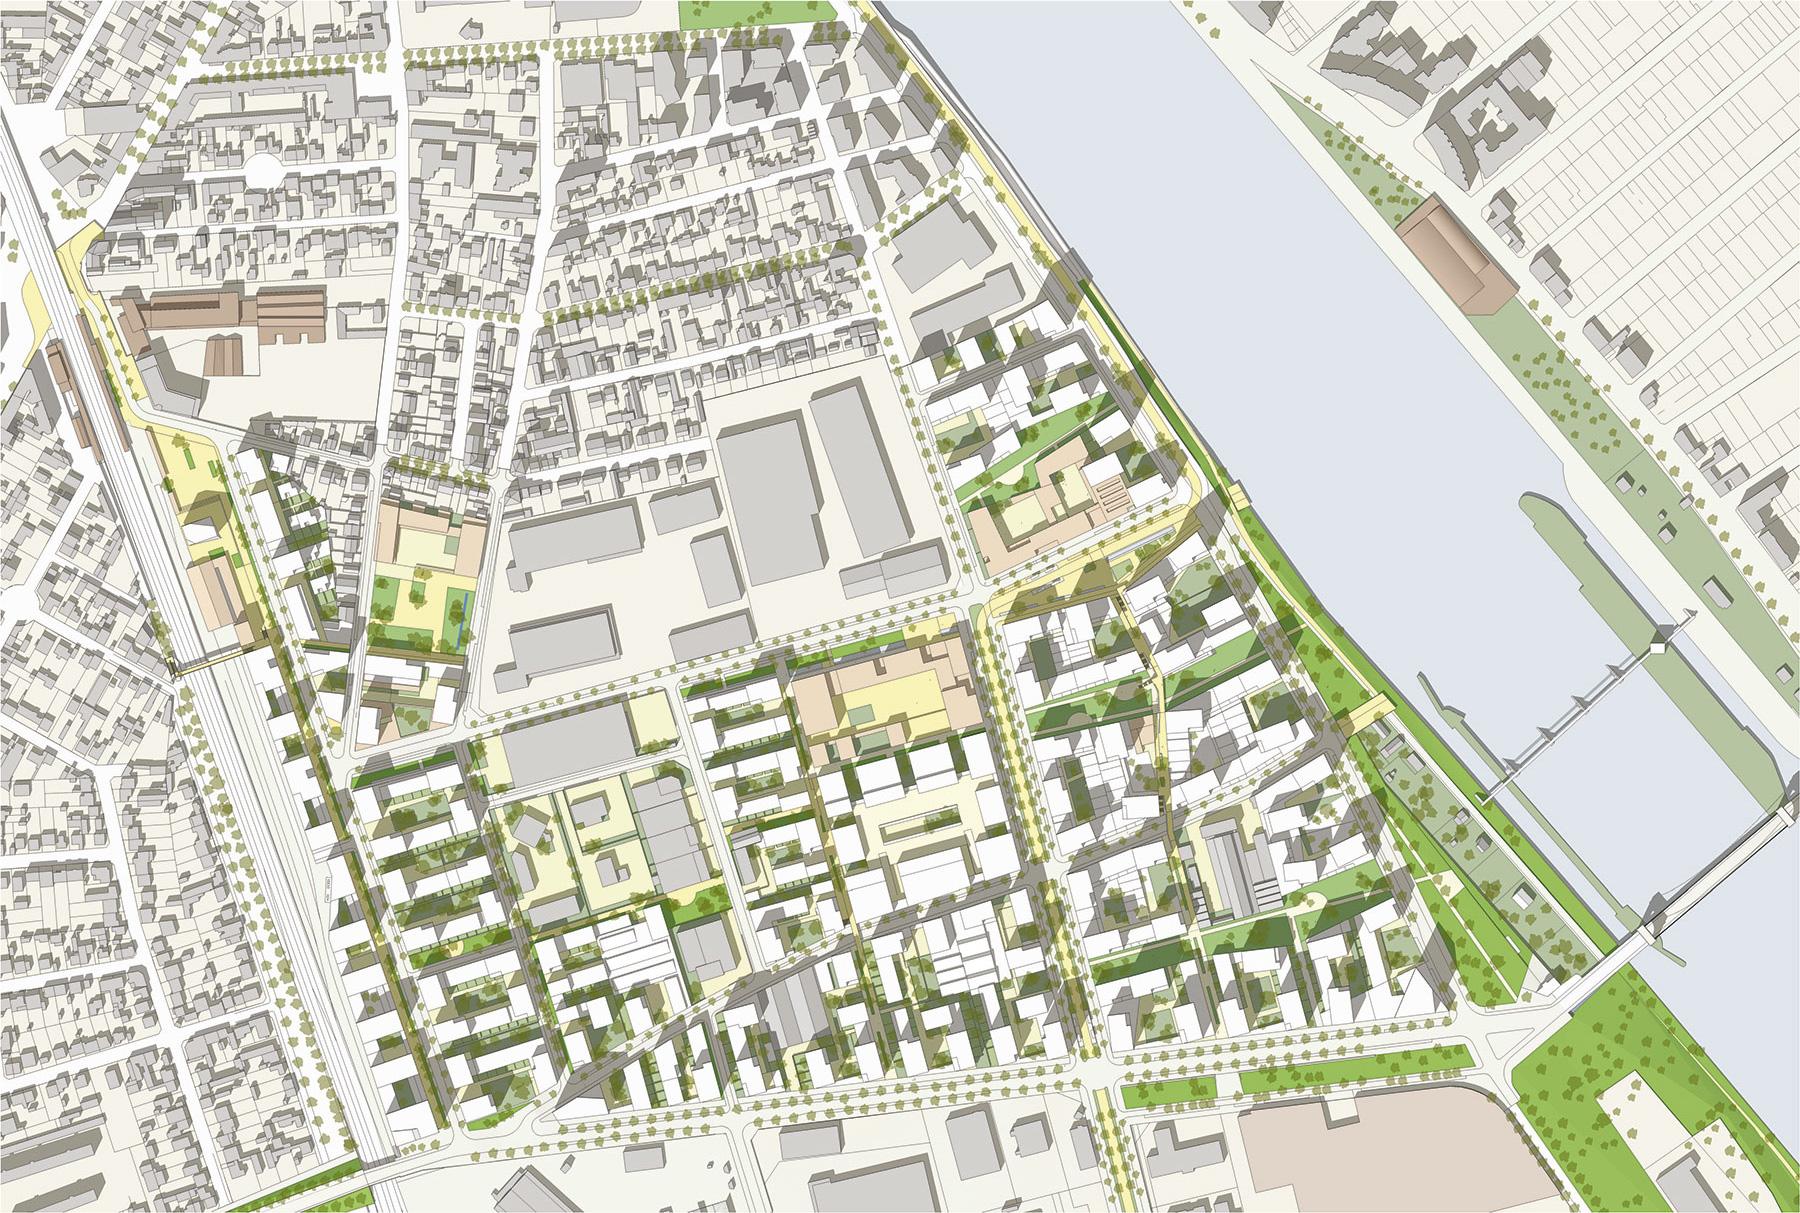 3-germe-et-jam-VITG-Vitry-gare-projet-urbain-3D-plan-ombre